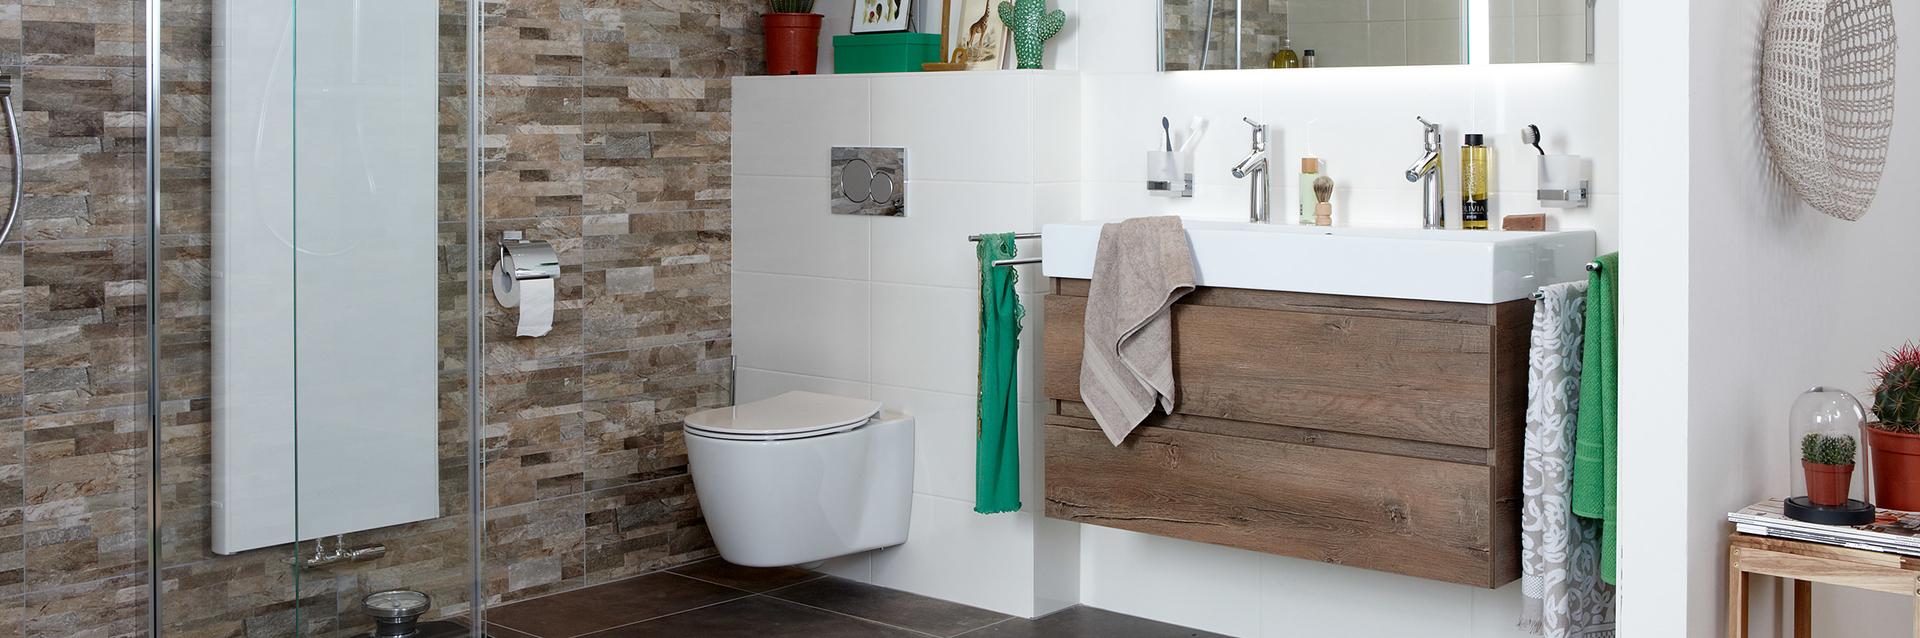 Badkamer met natuurlijke materialen - Badkamer met natuurlijke materialen